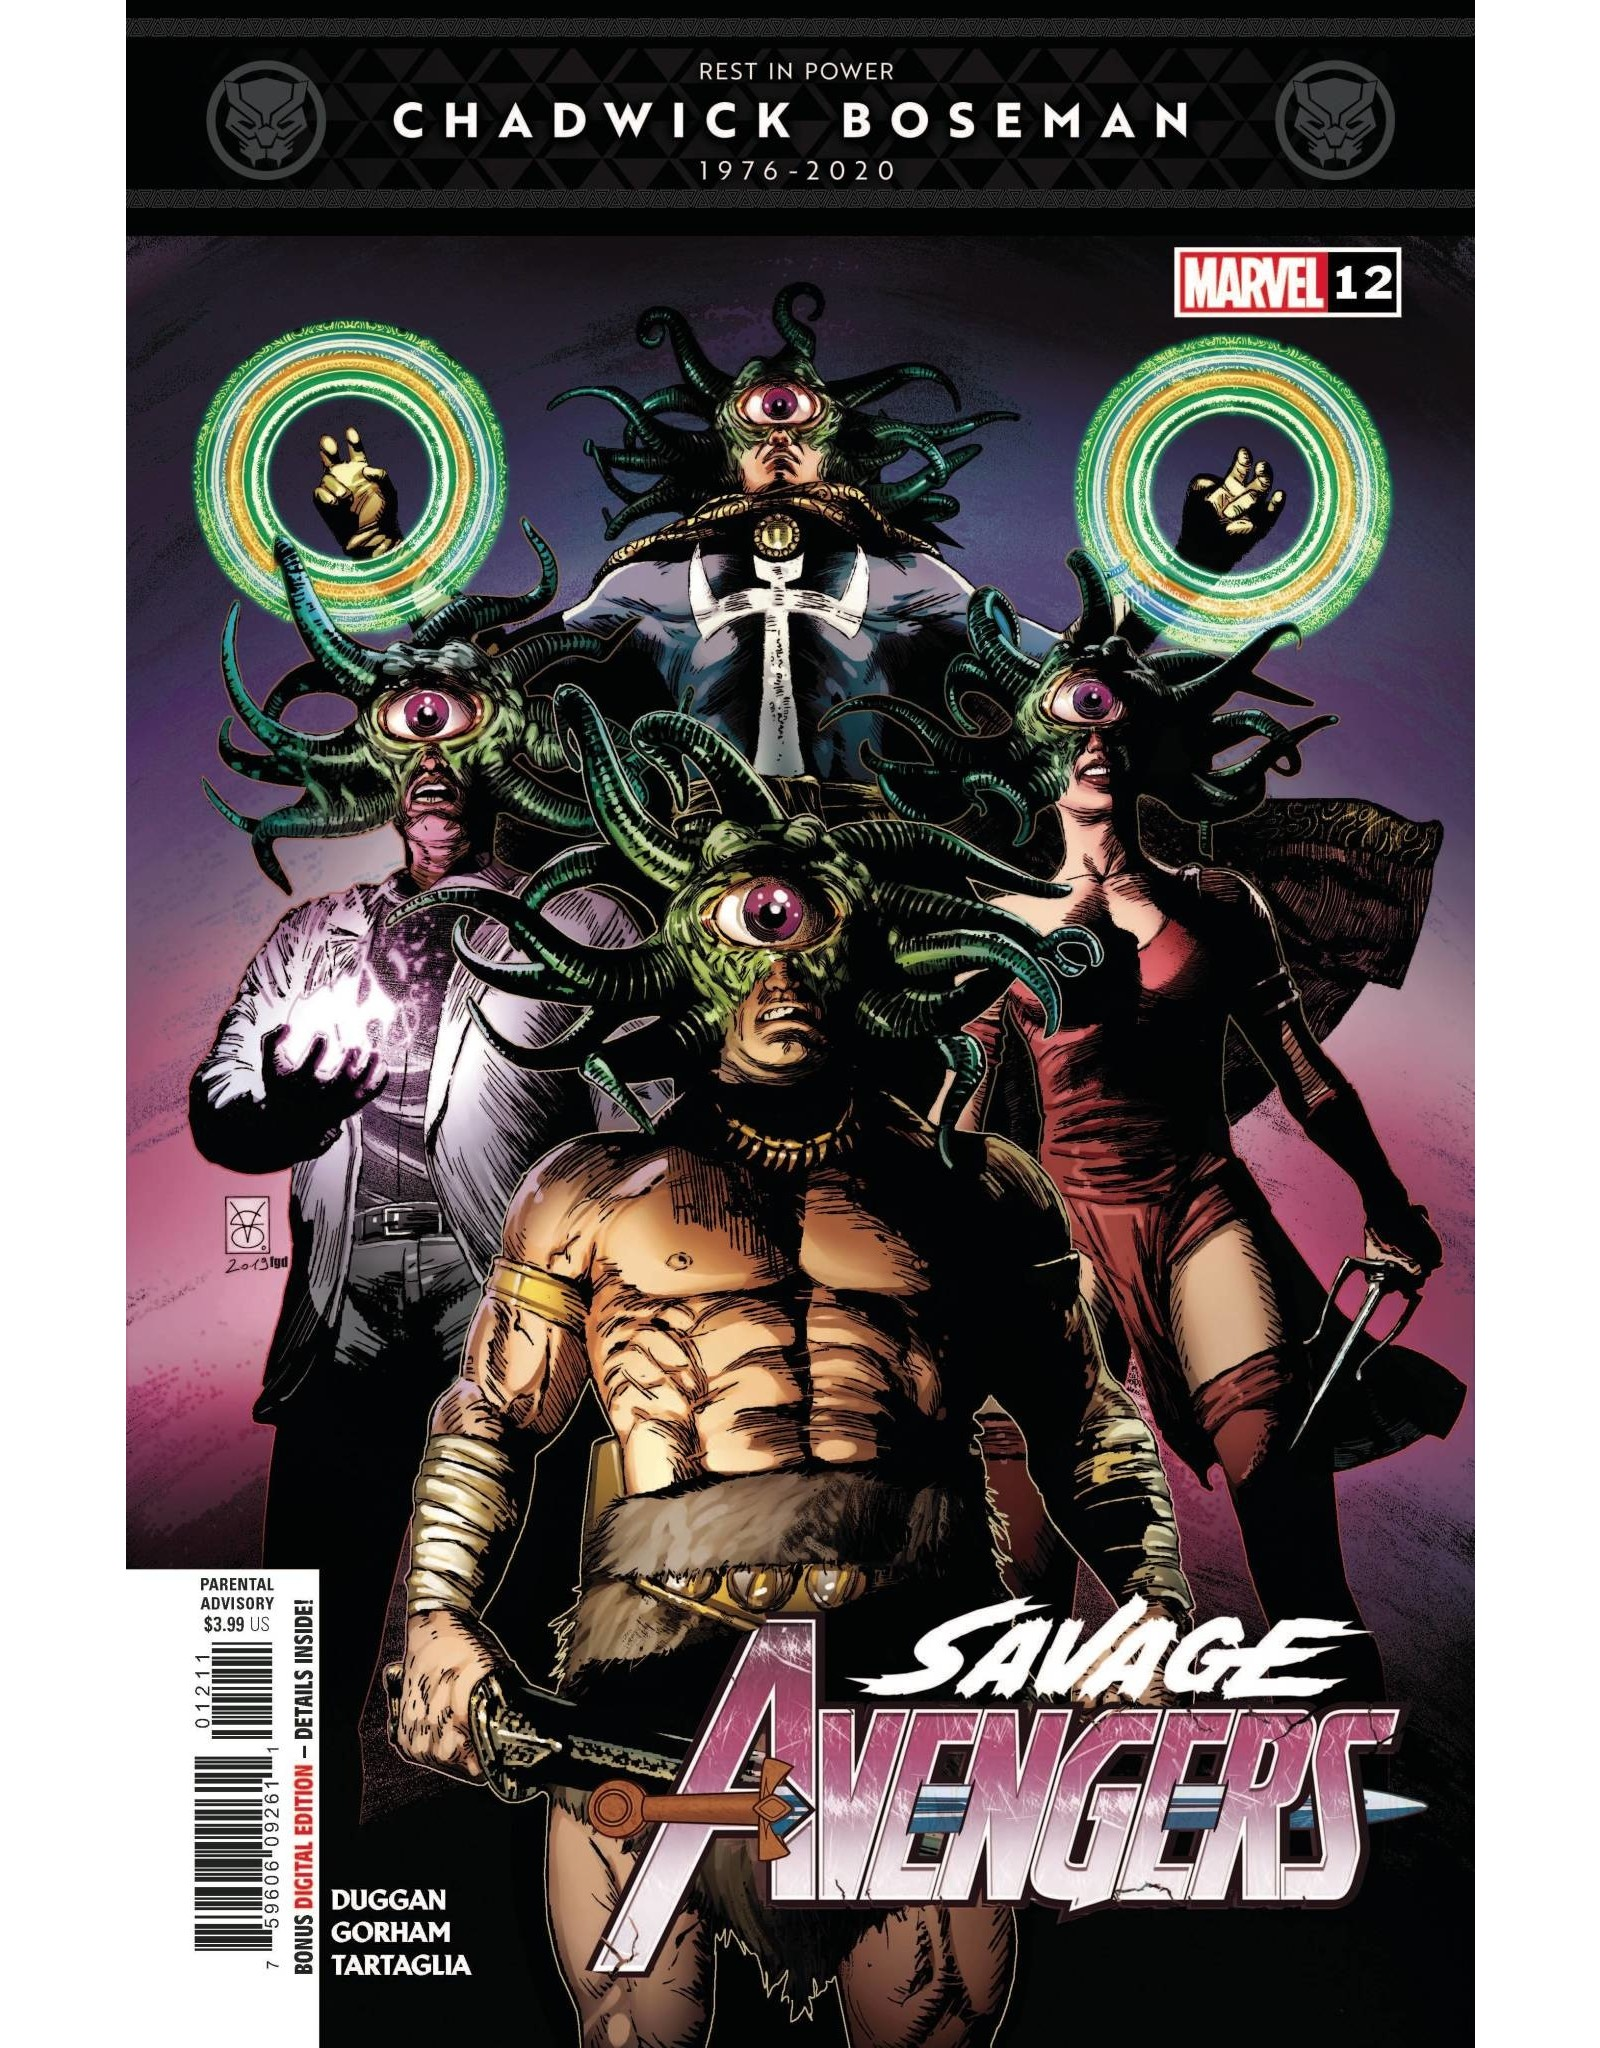 Marvel Comics SAVAGE AVENGERS #12